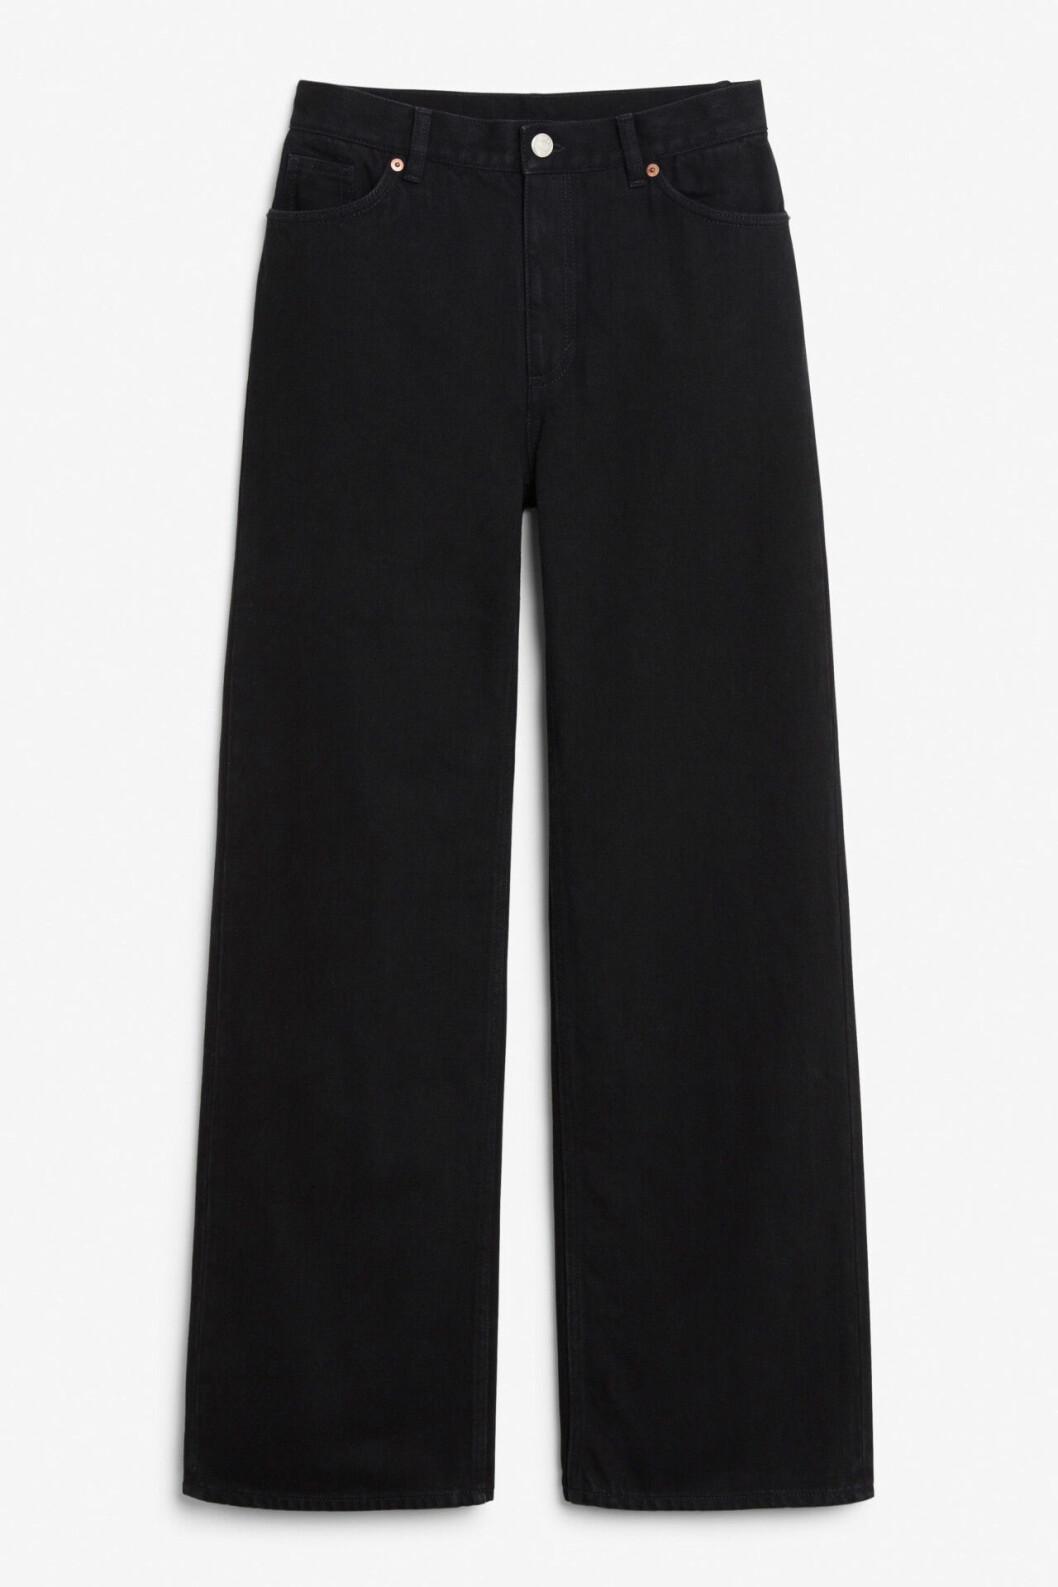 Svarta jeans med vida ben för dam till våren 2020